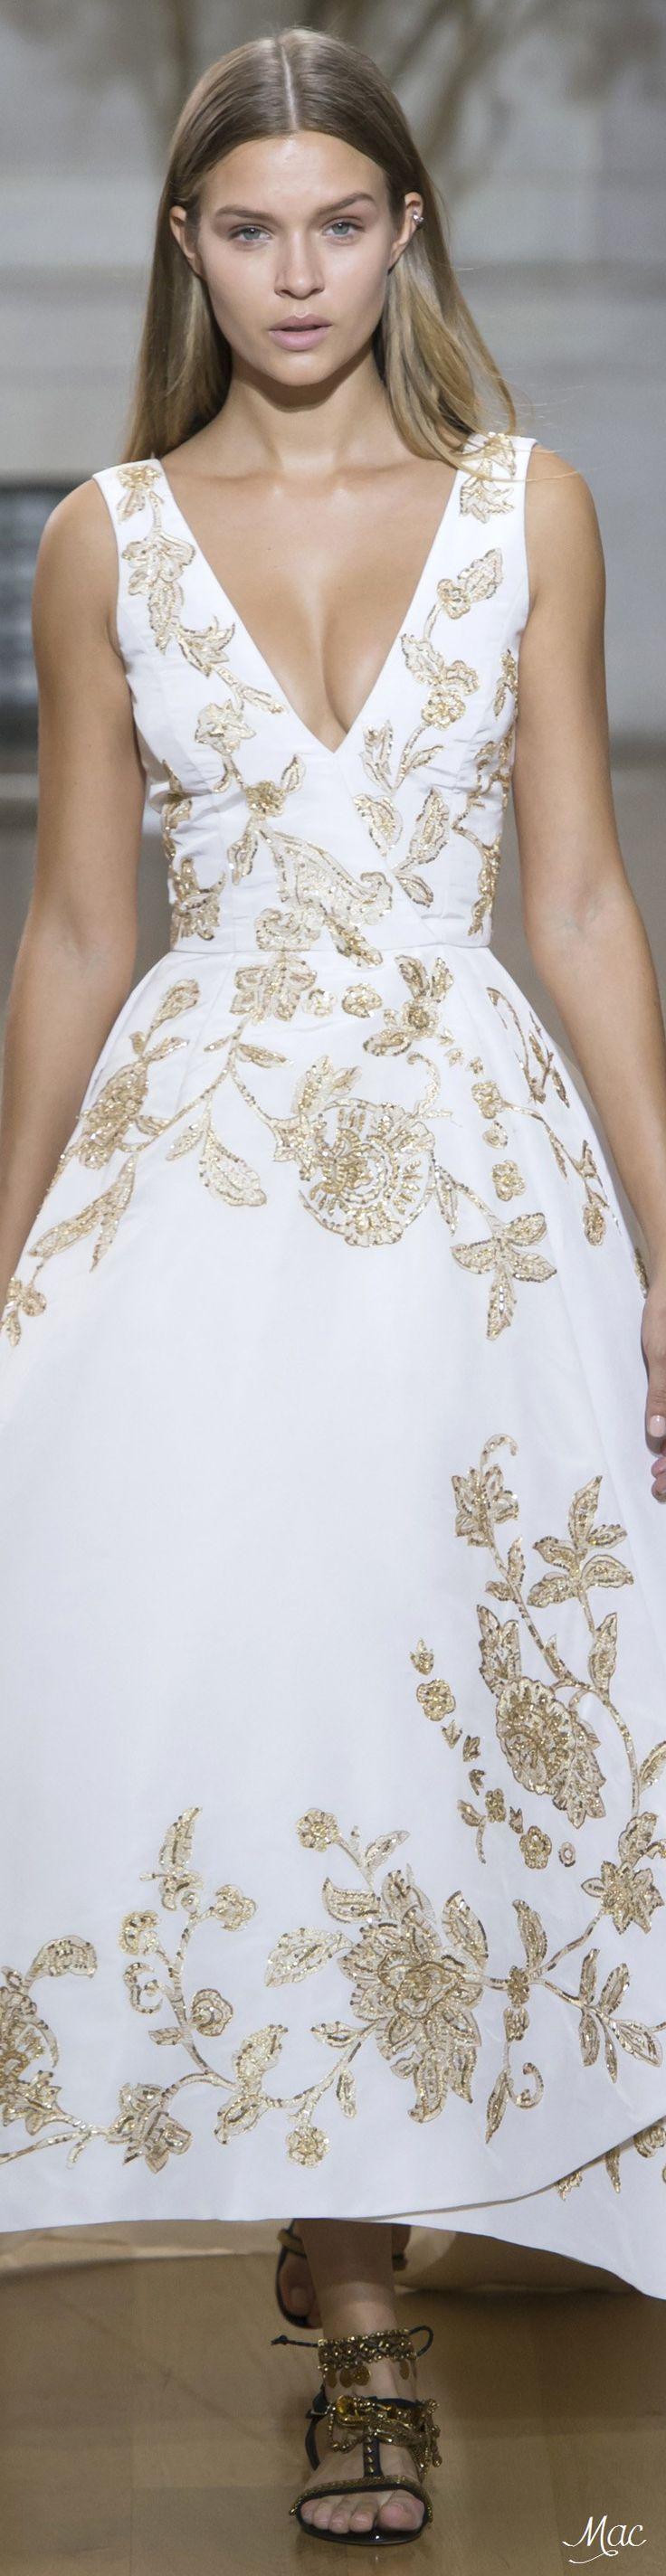 Nett Filipino Hochzeit Dekorationen Fotos - Brautkleider Ideen ...